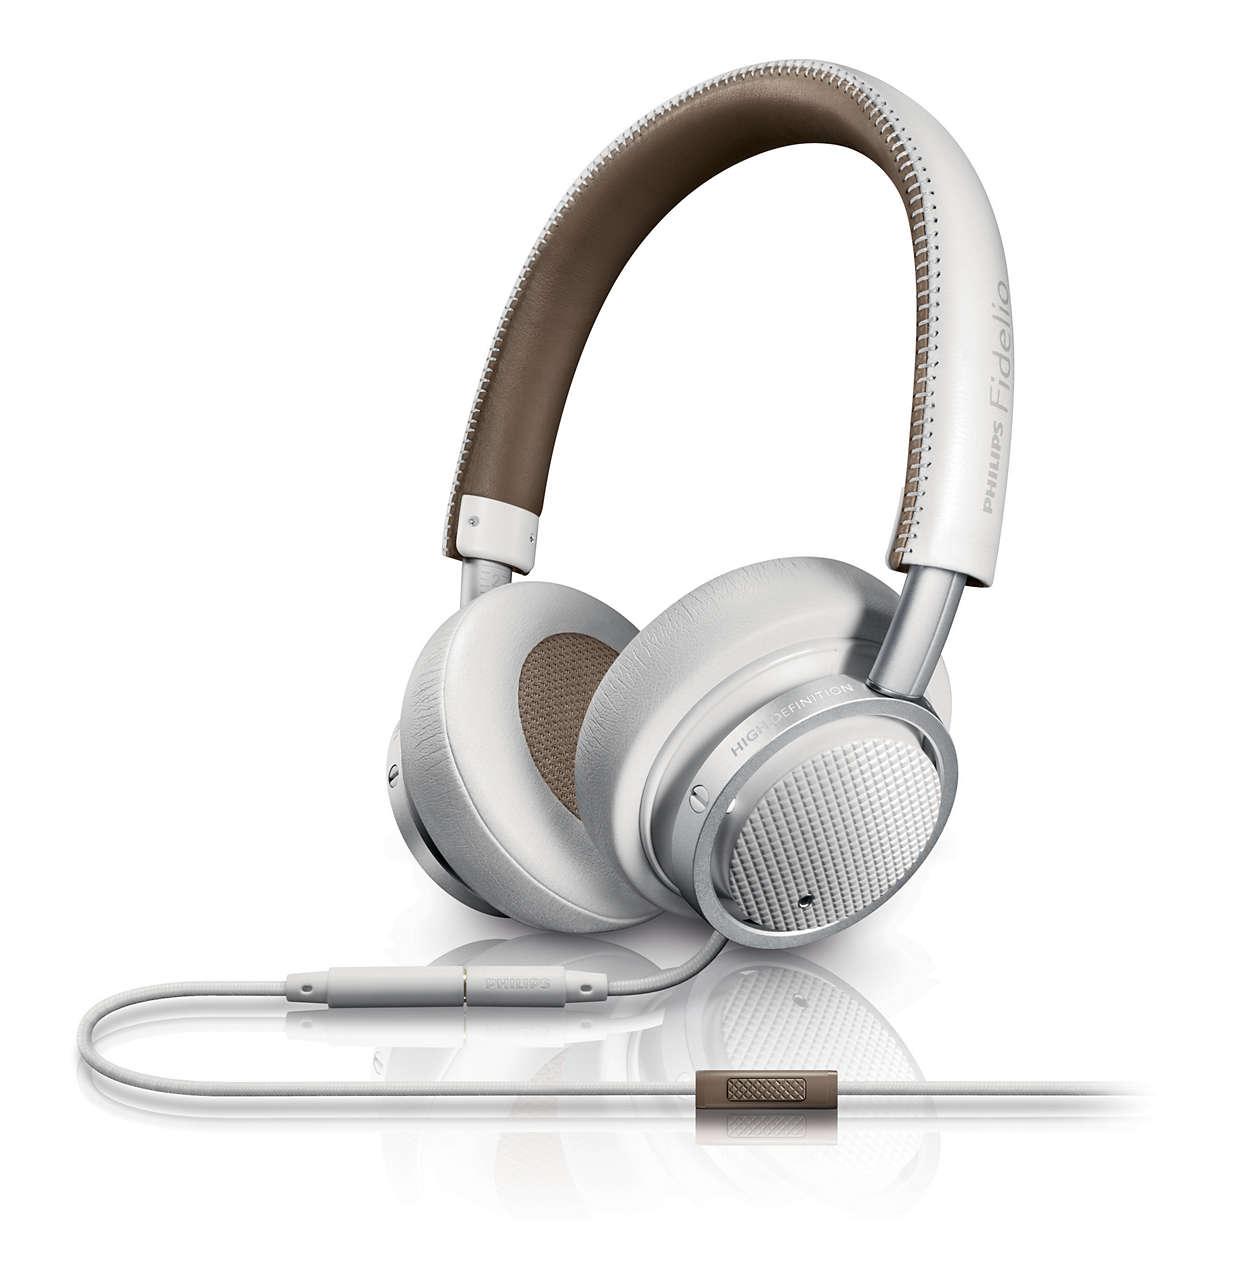 HiFi-geluid, zorgvuldig ontwerp